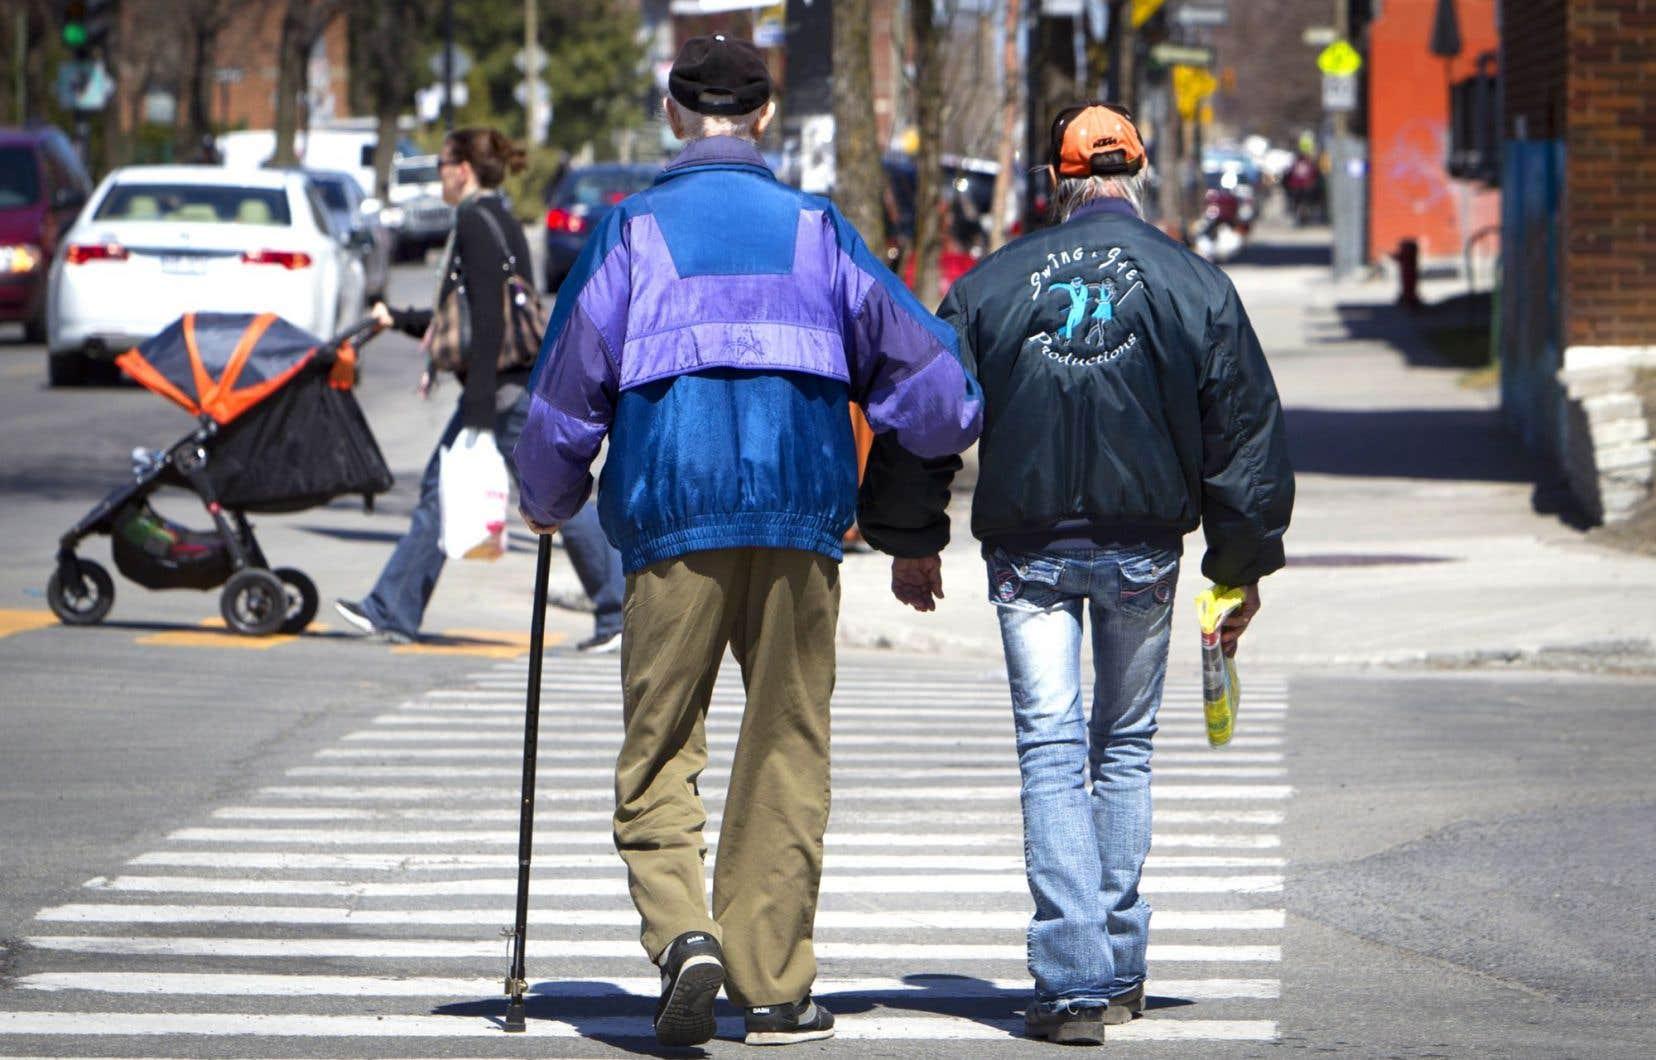 Plutôt que le choc démographique annoncé, le vieillissement de la population serait un «phénomène graduel» qui nécessite différentes adaptations, selon une étude de l'Institut de recherche et d'informations socio-économiques.